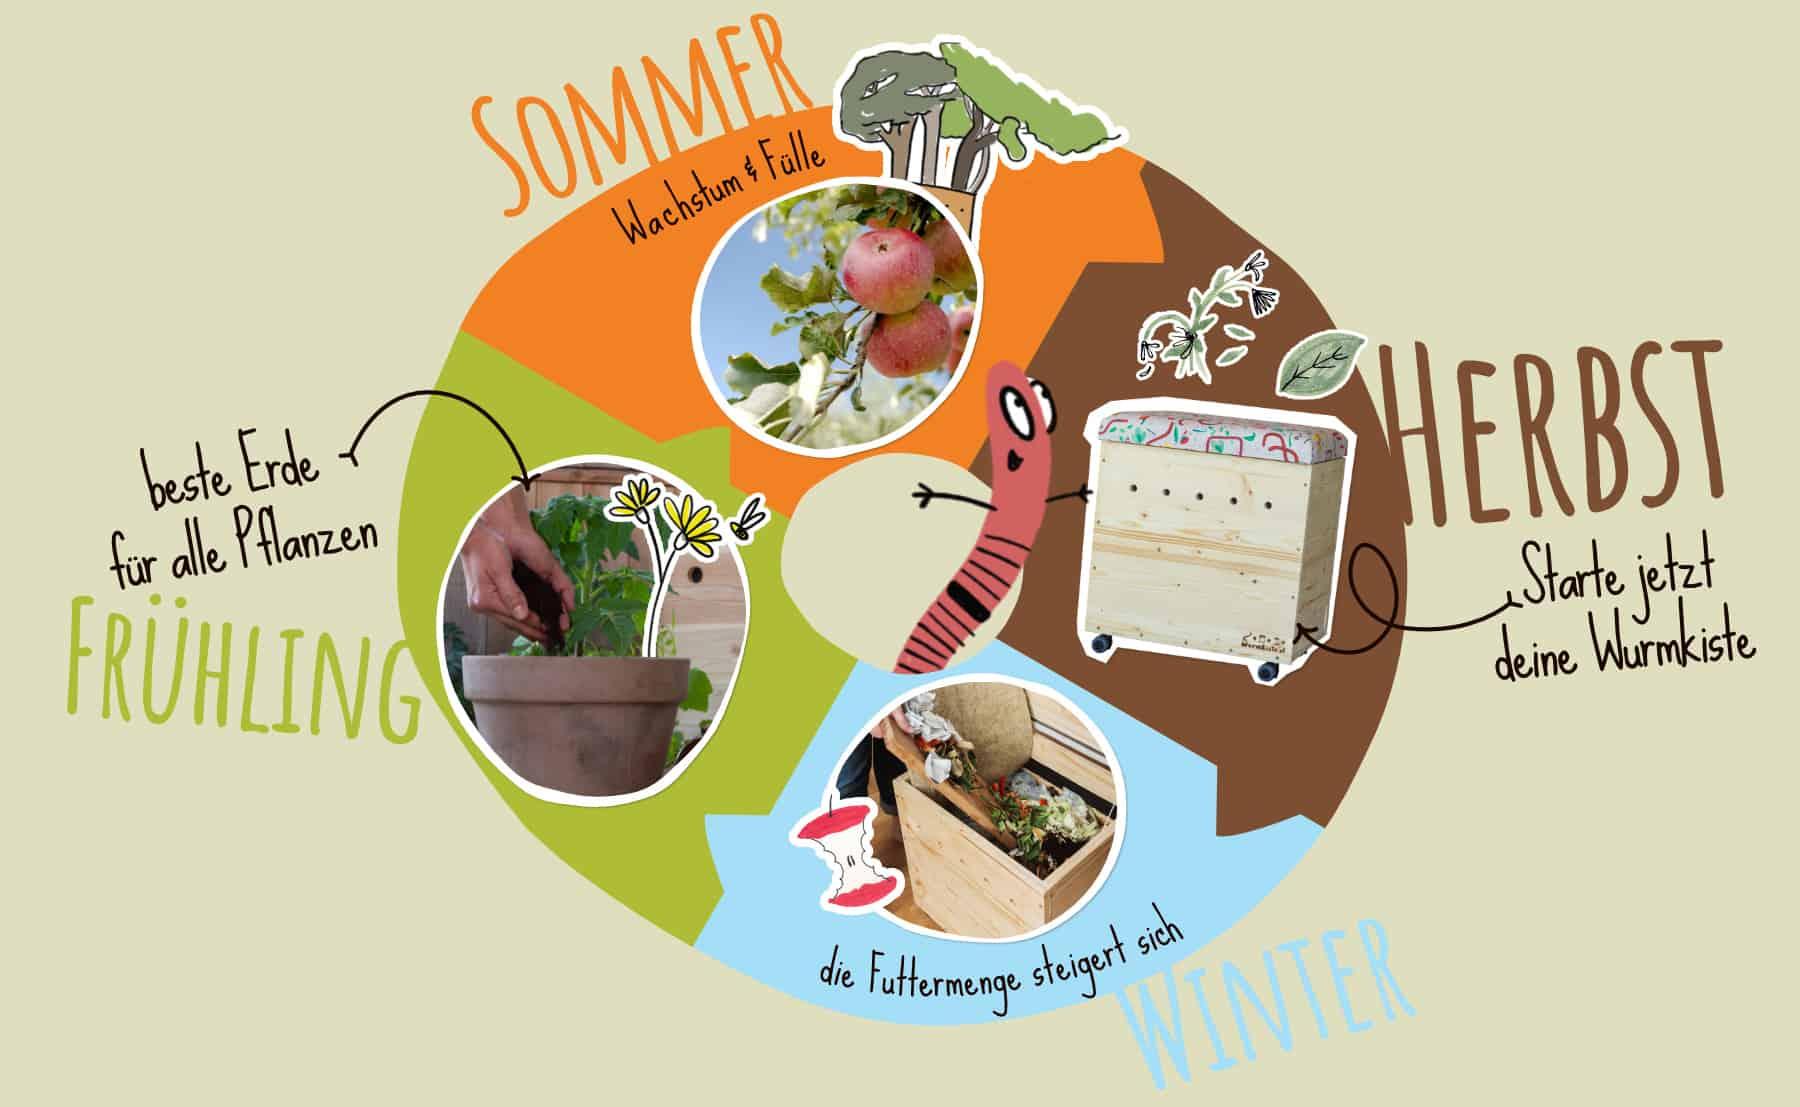 Der Jahreskreis mit der Wurmkiste. Im Herbst starten, im Winter füttern, im Frühling ernten, im Sommer genießen.